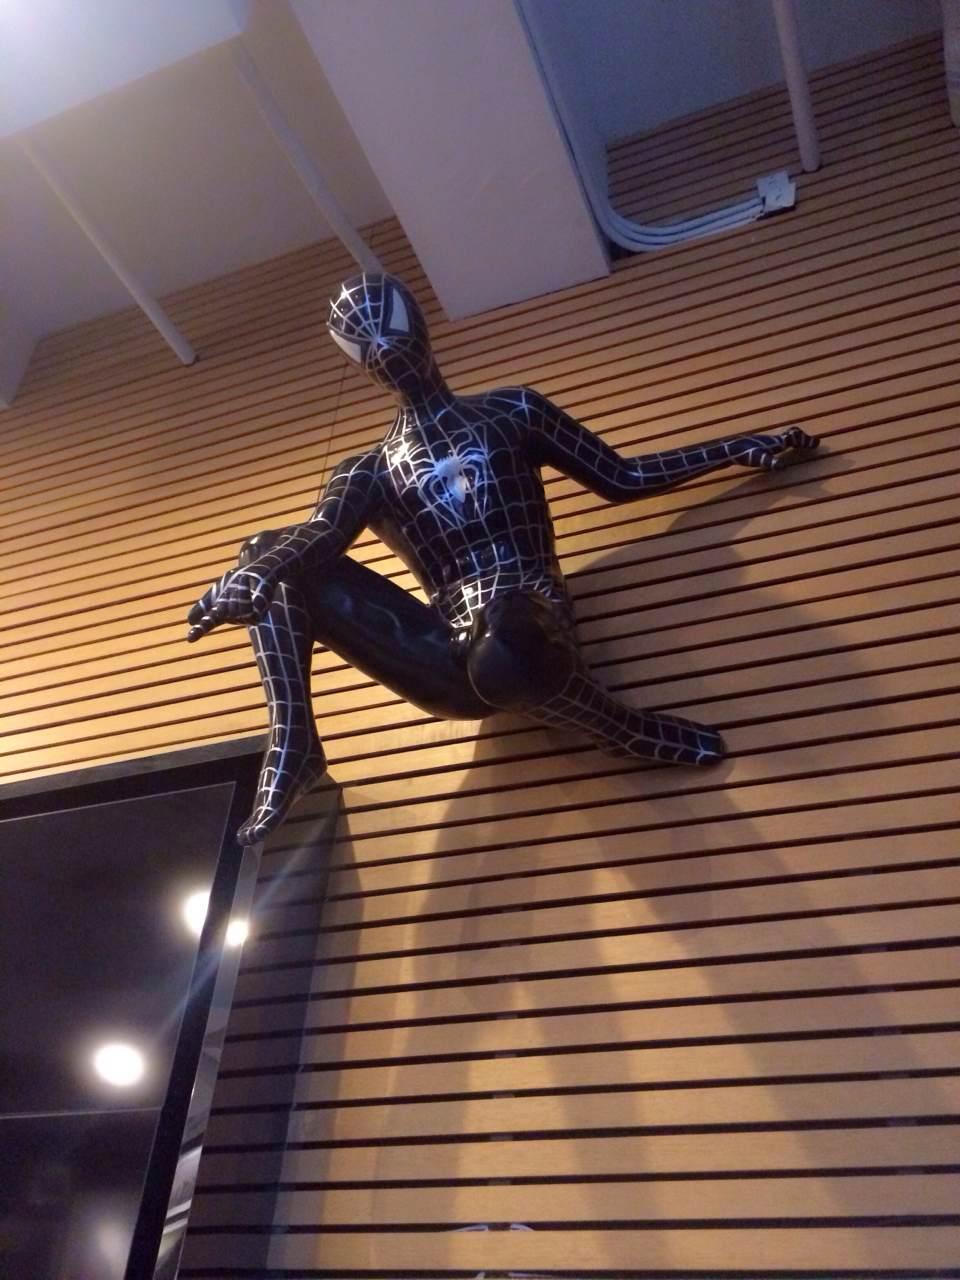 亚博在线娱乐官网入口蜘蛛侠亚博体育网页登录